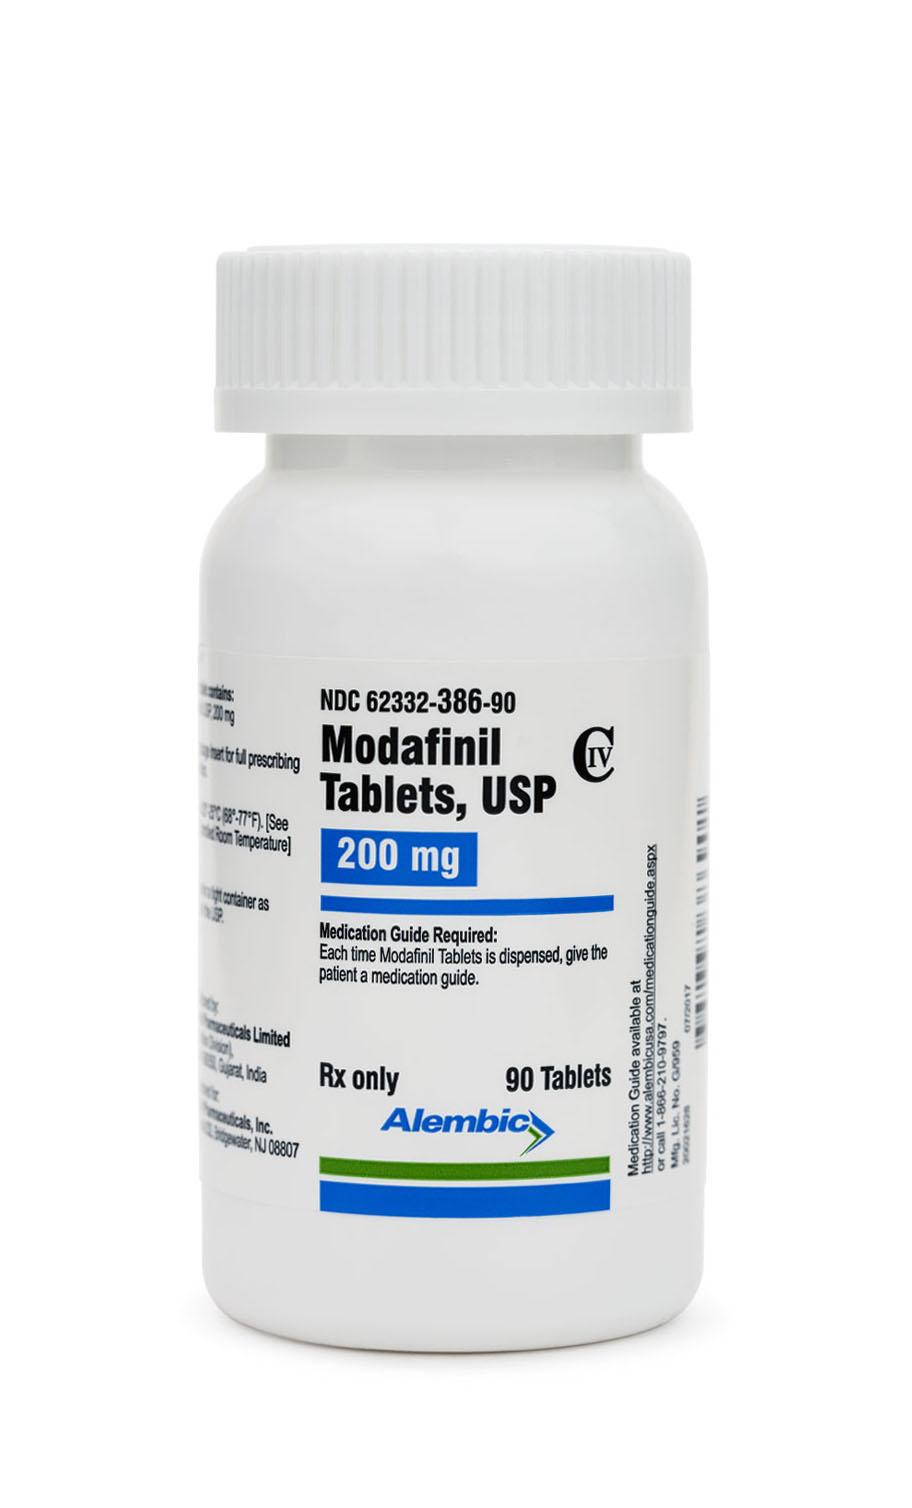 Modafinil Generic